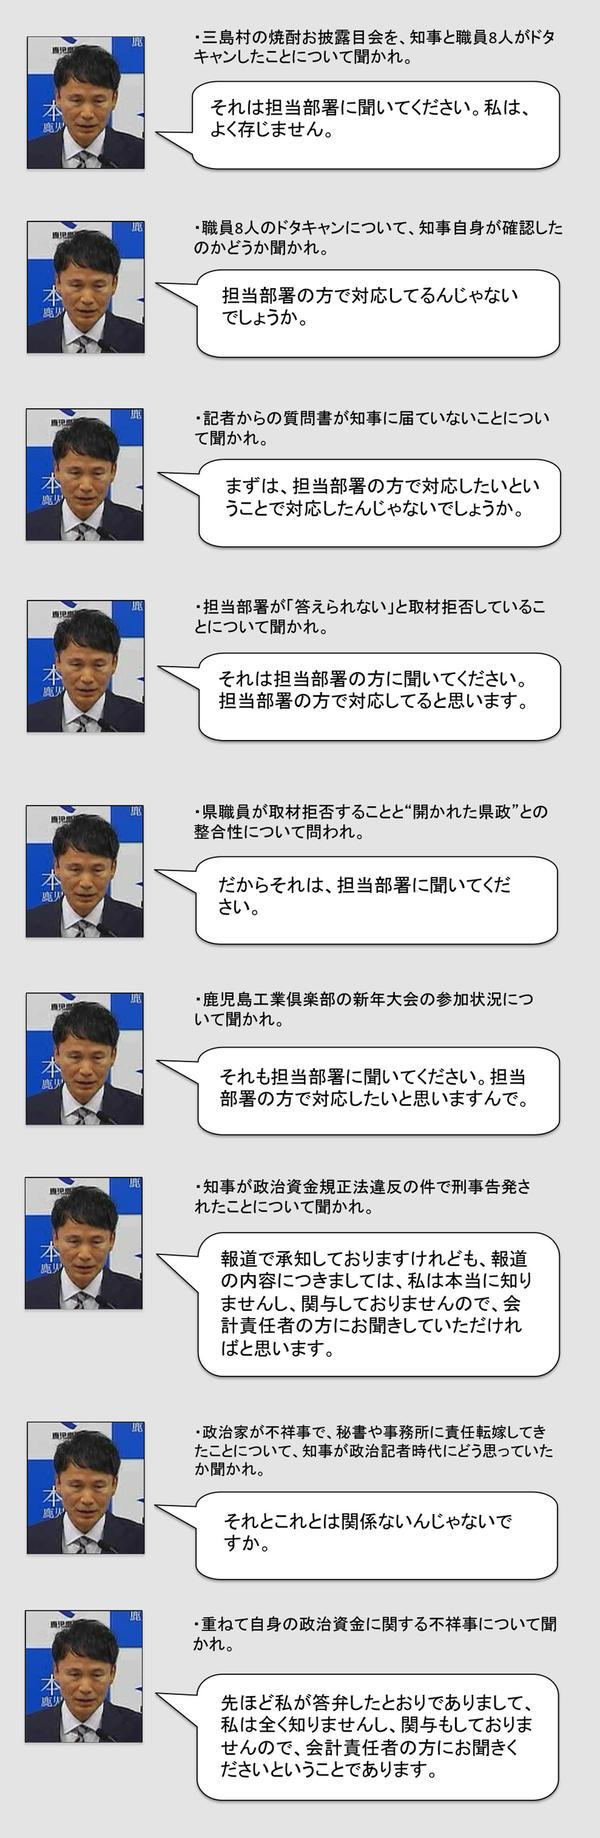 三反園質問 (1).jpg